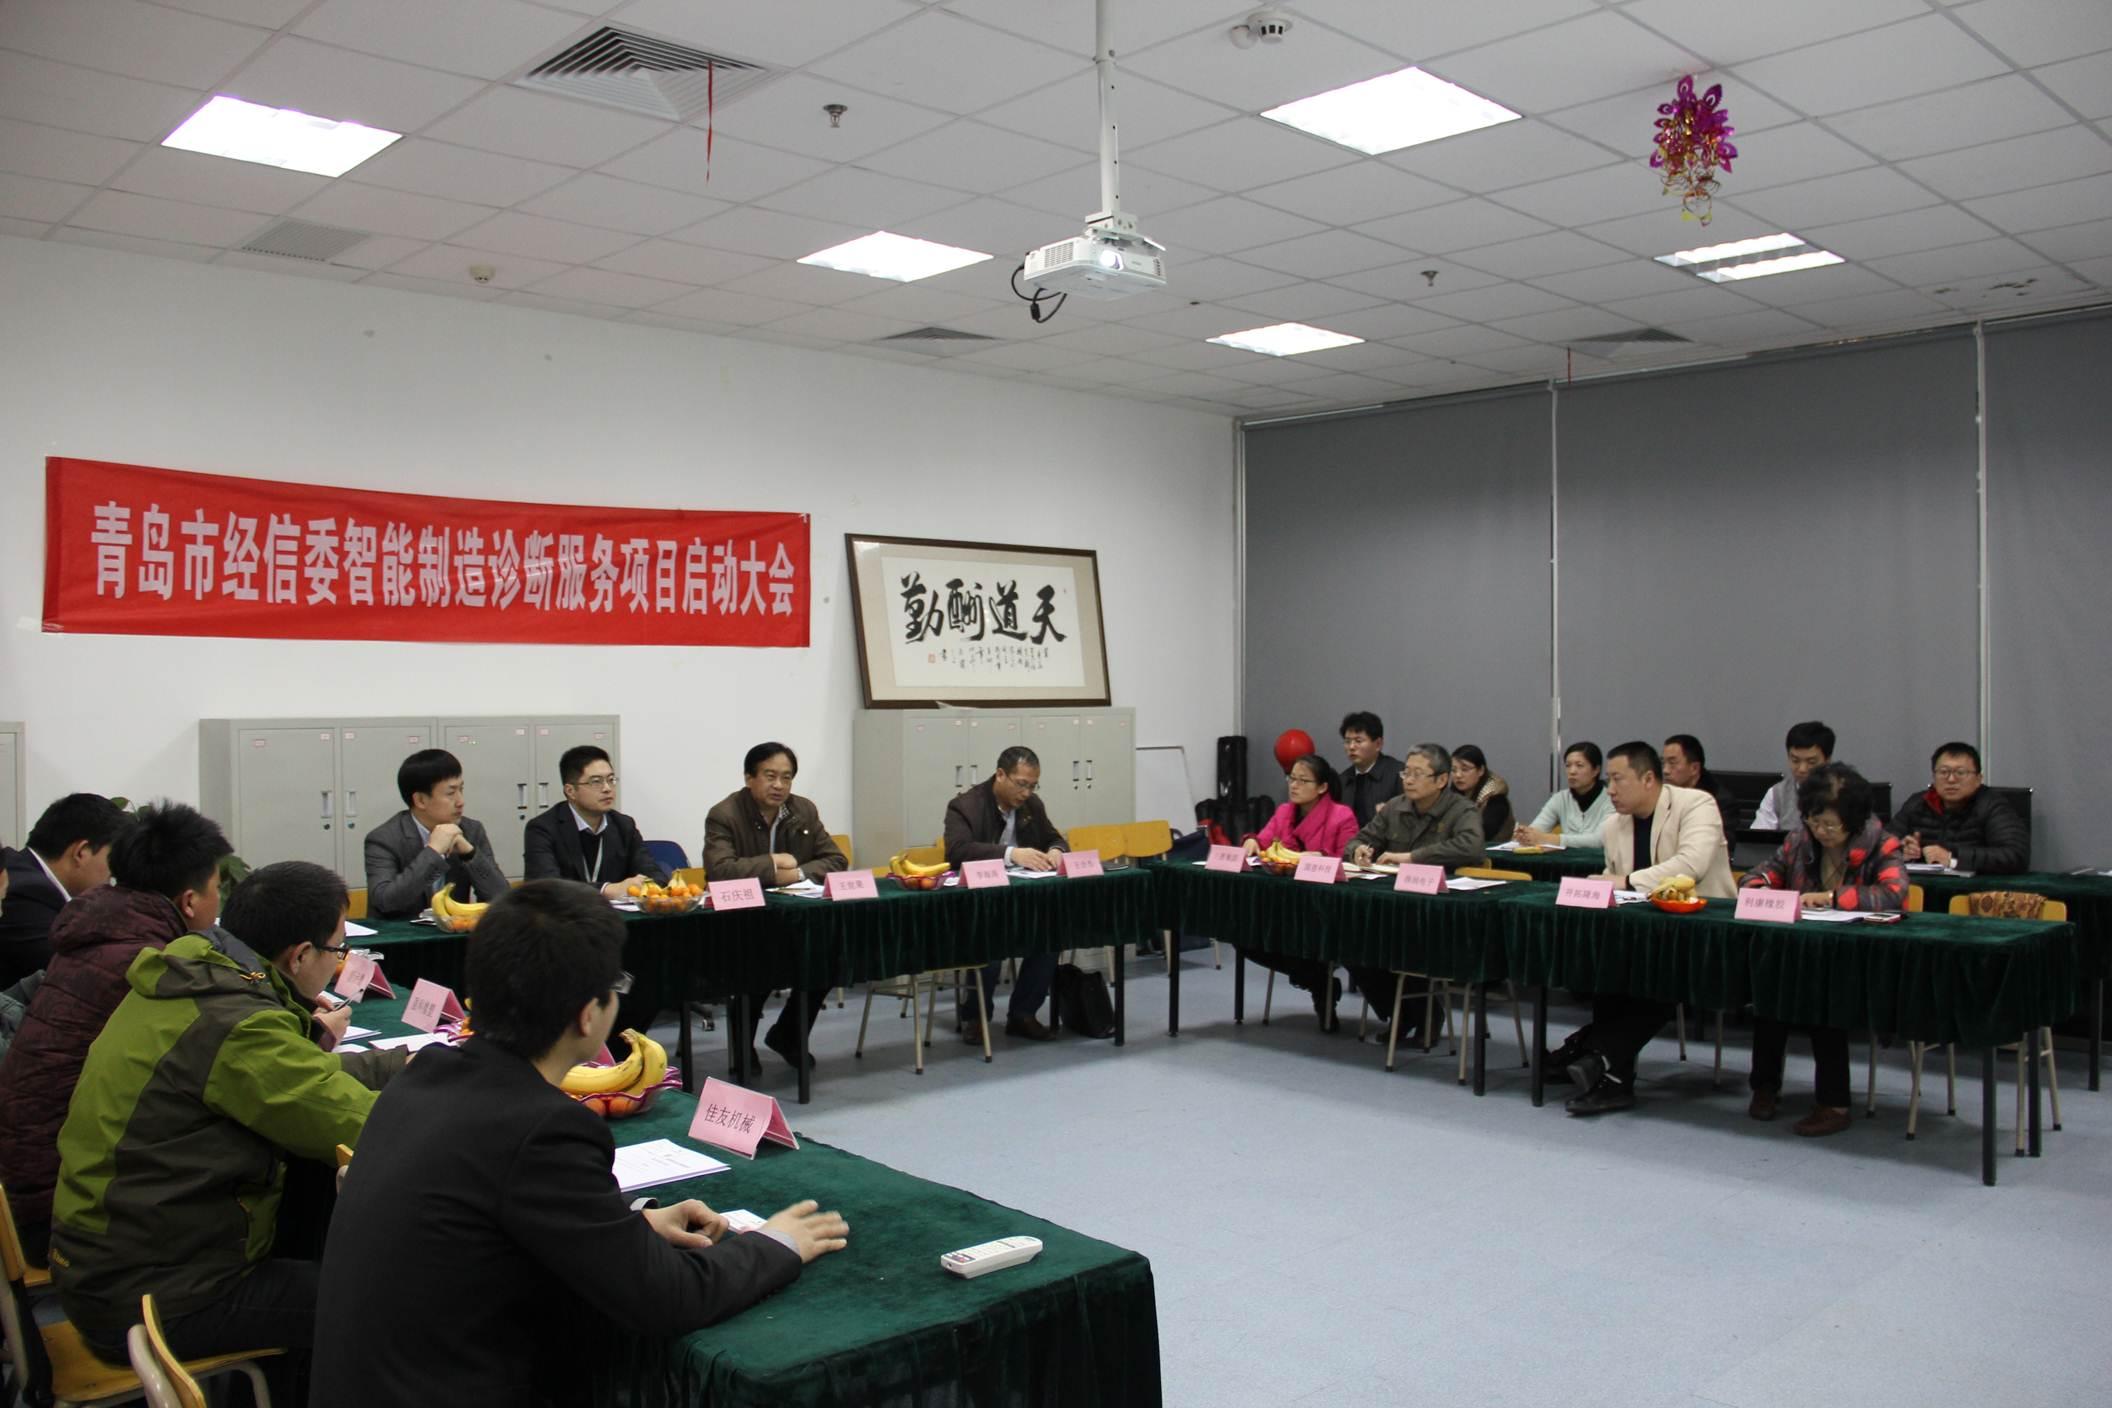 百灵科技青岛市经信委智能制造诊断服务项目启动大会顺利召开